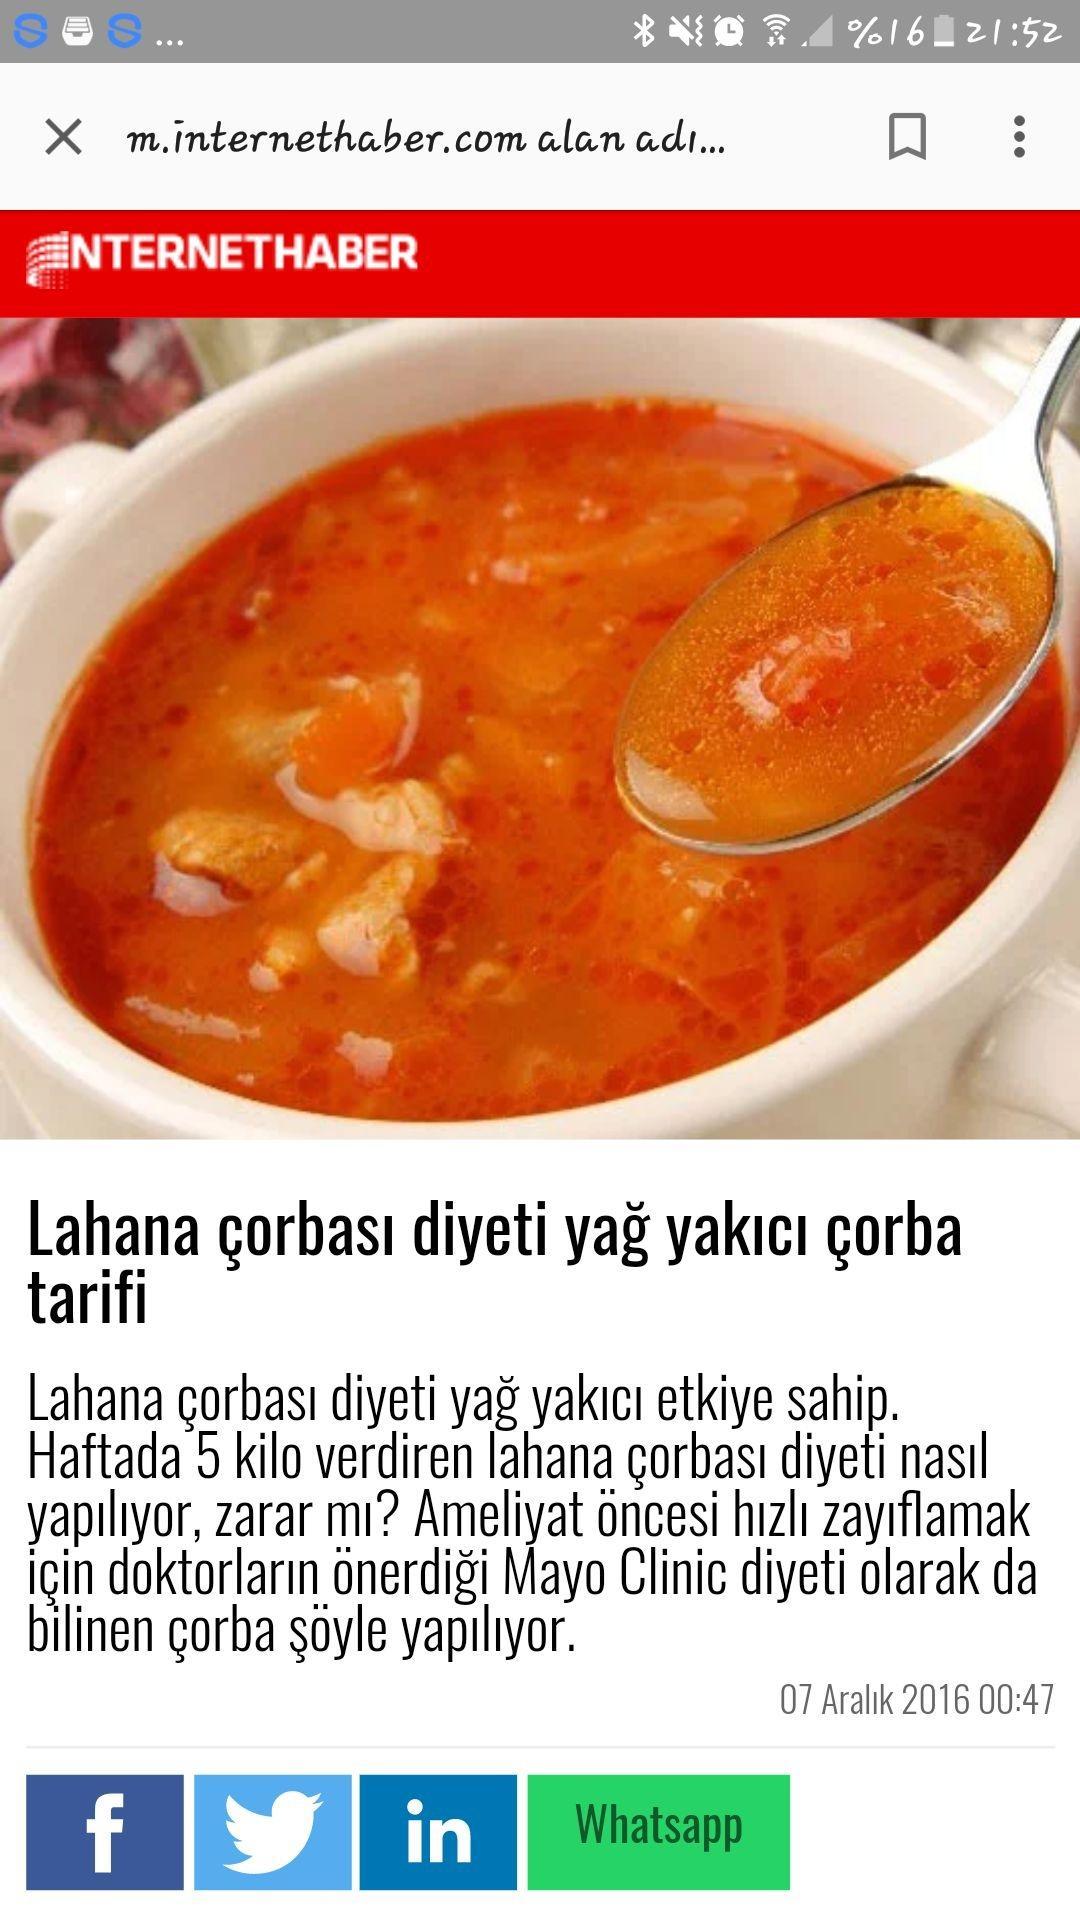 Diyet yemekleri listesi ile Etiketlenen Konular